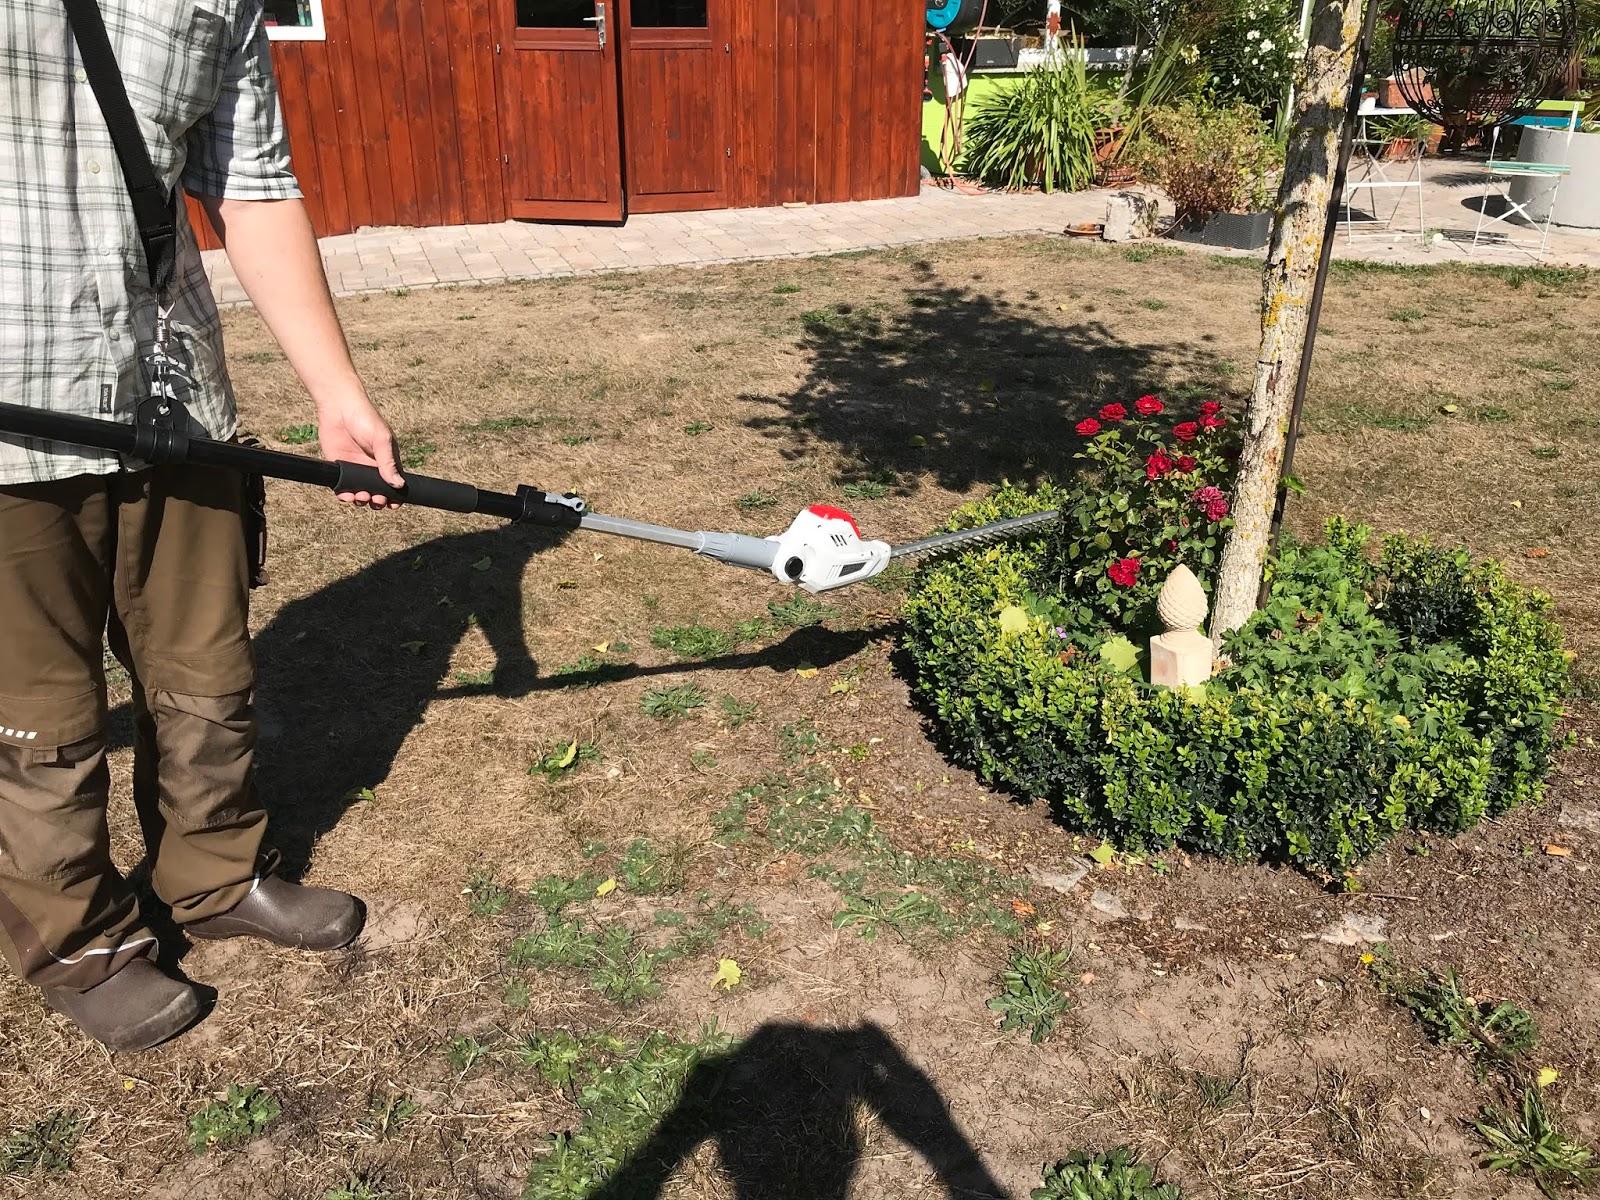 Achimsgarten der selbstversorger und garten blog: im test: akku